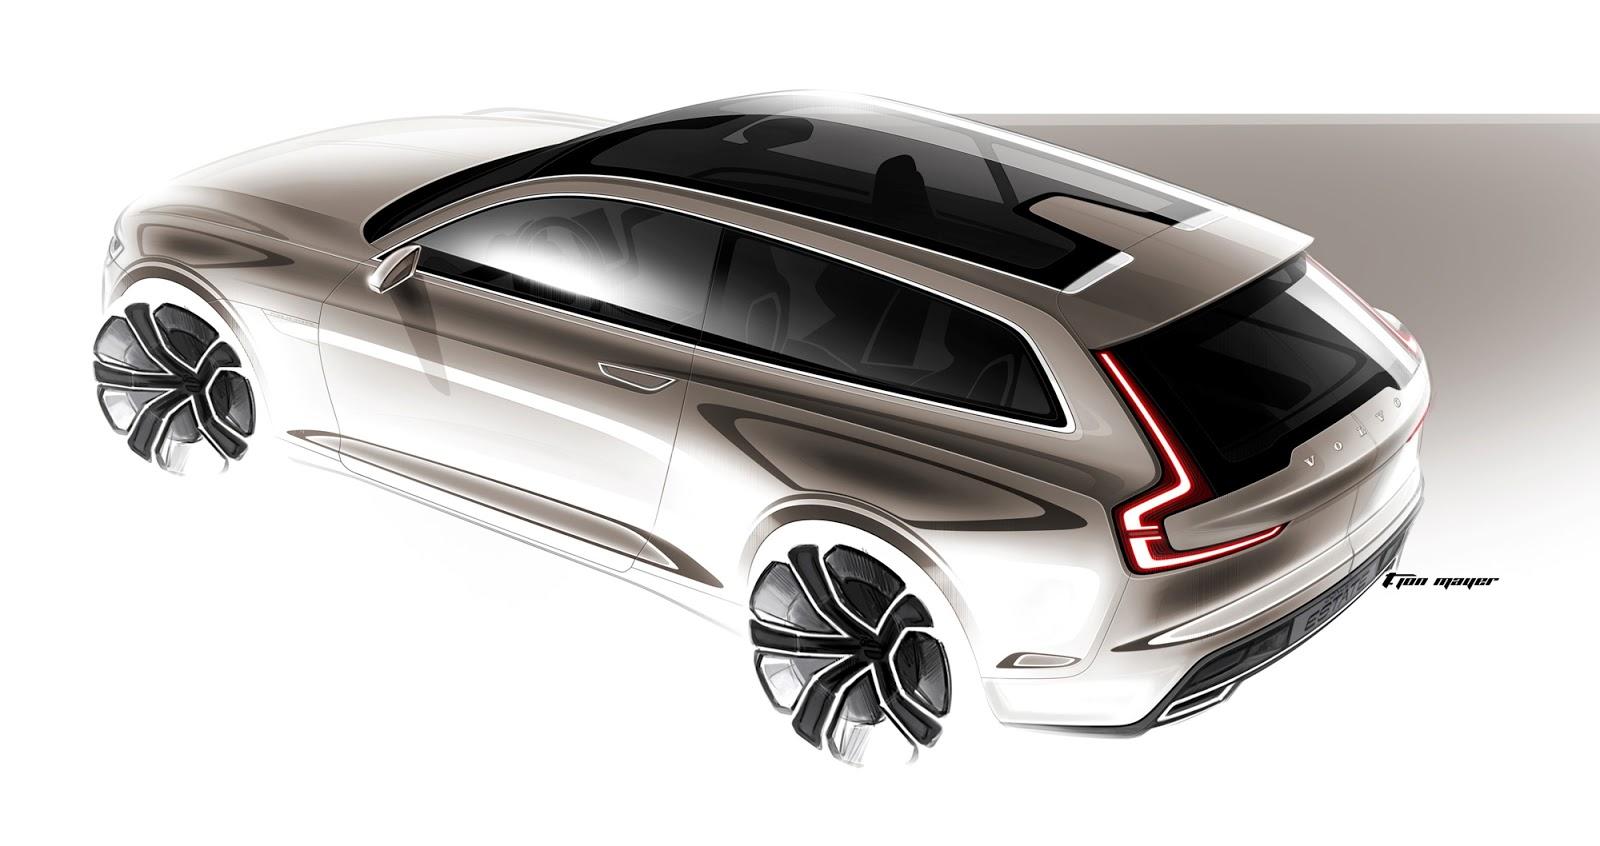 Volvo Concept Estate sketch plan view by T. Jon Mayer